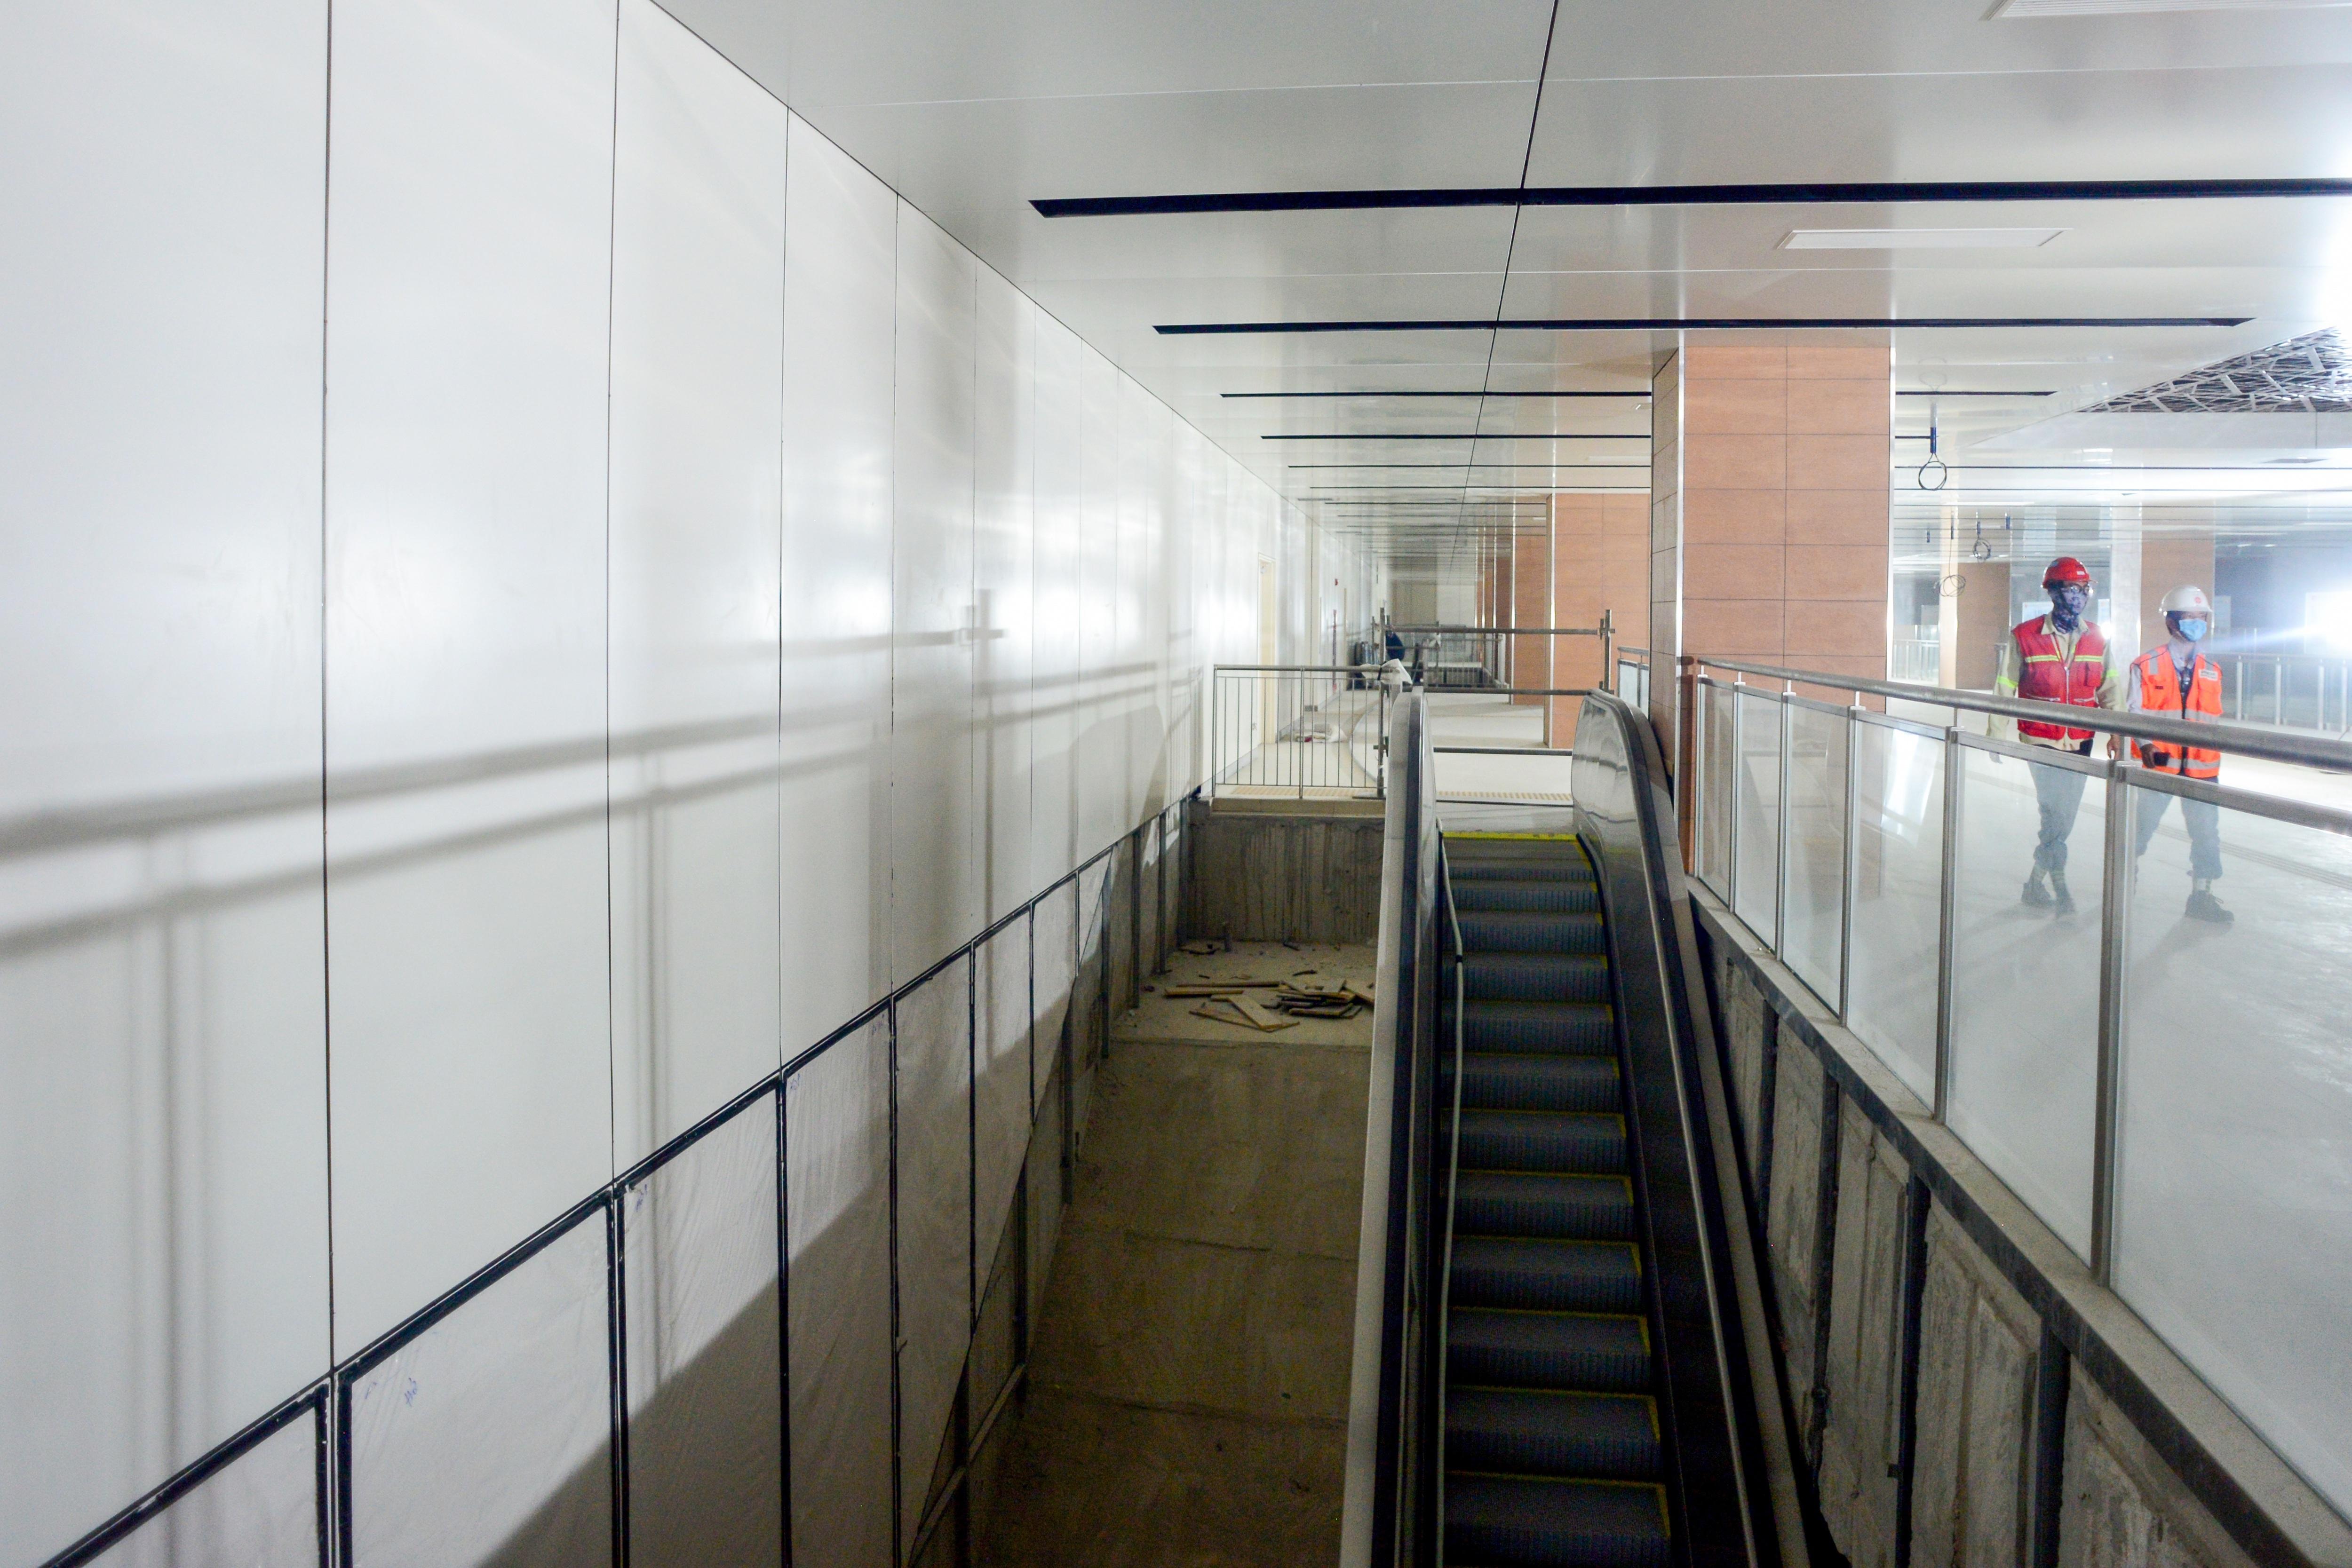 Ngắm tuyến metro đầu tiên của TPHCM sau gần 10 năm chờ đợi - 7